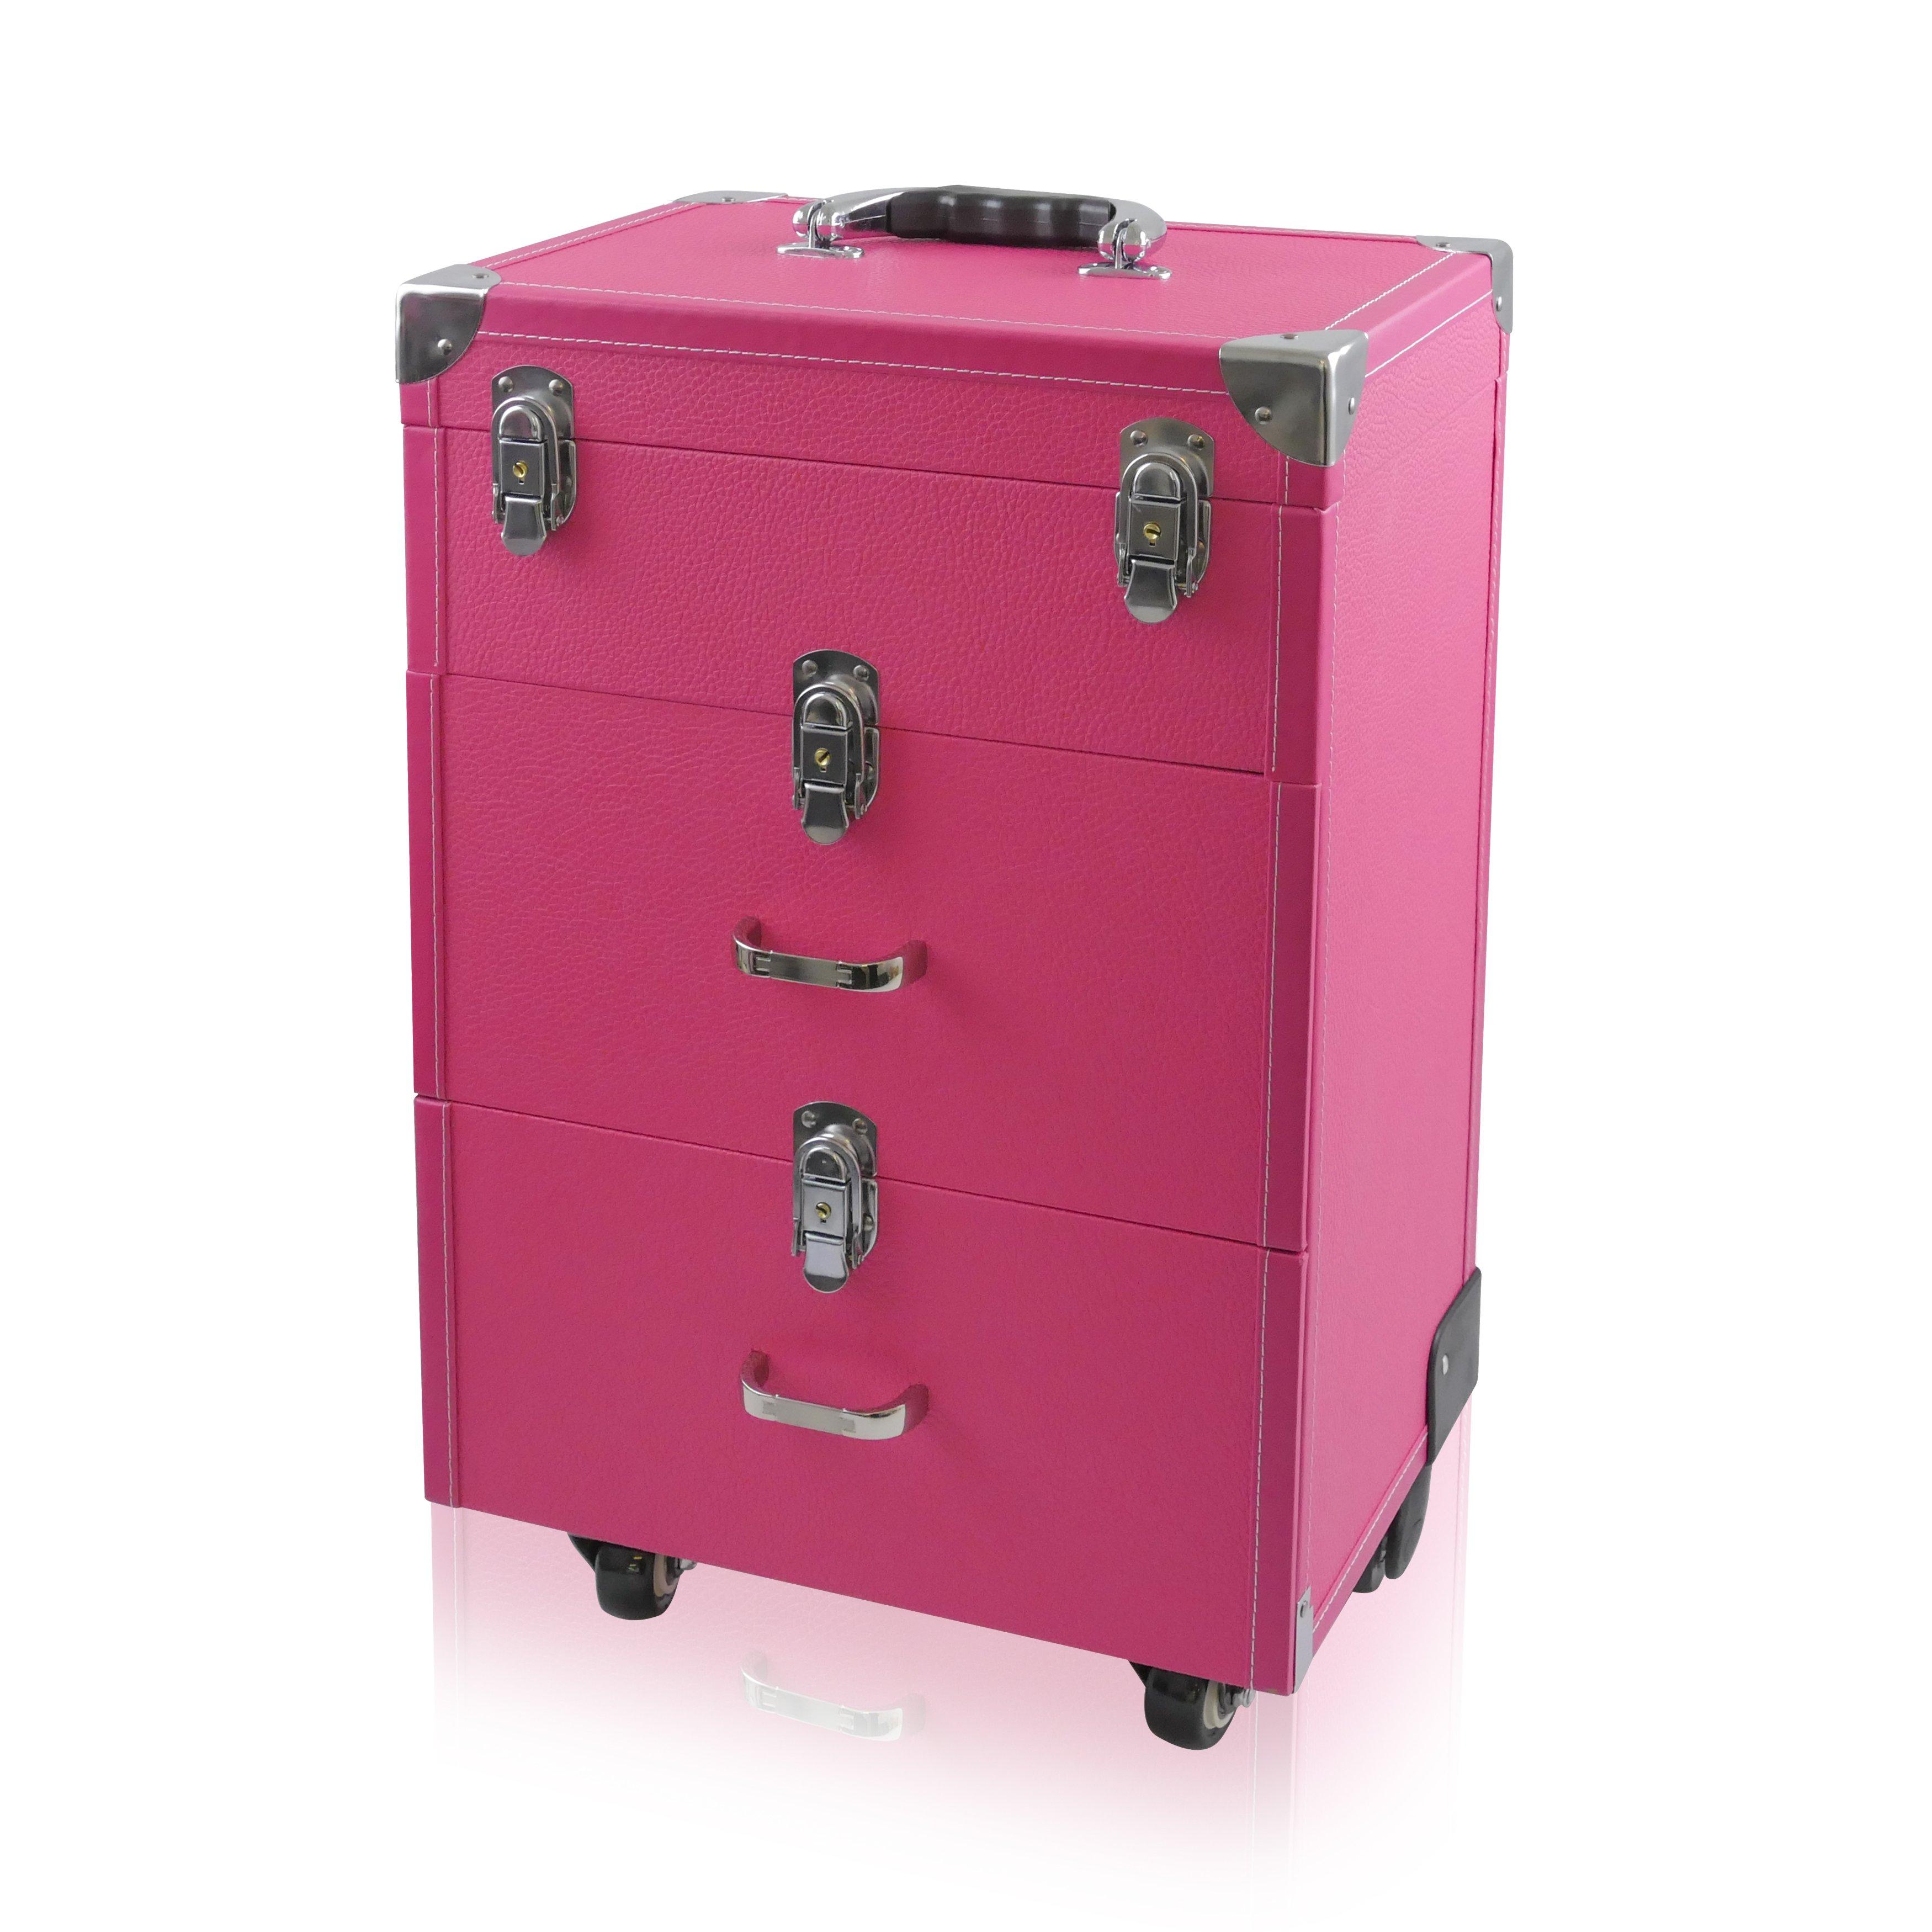 NANI kosmetický kufřík na kolečkách NN45 - Pink Skin